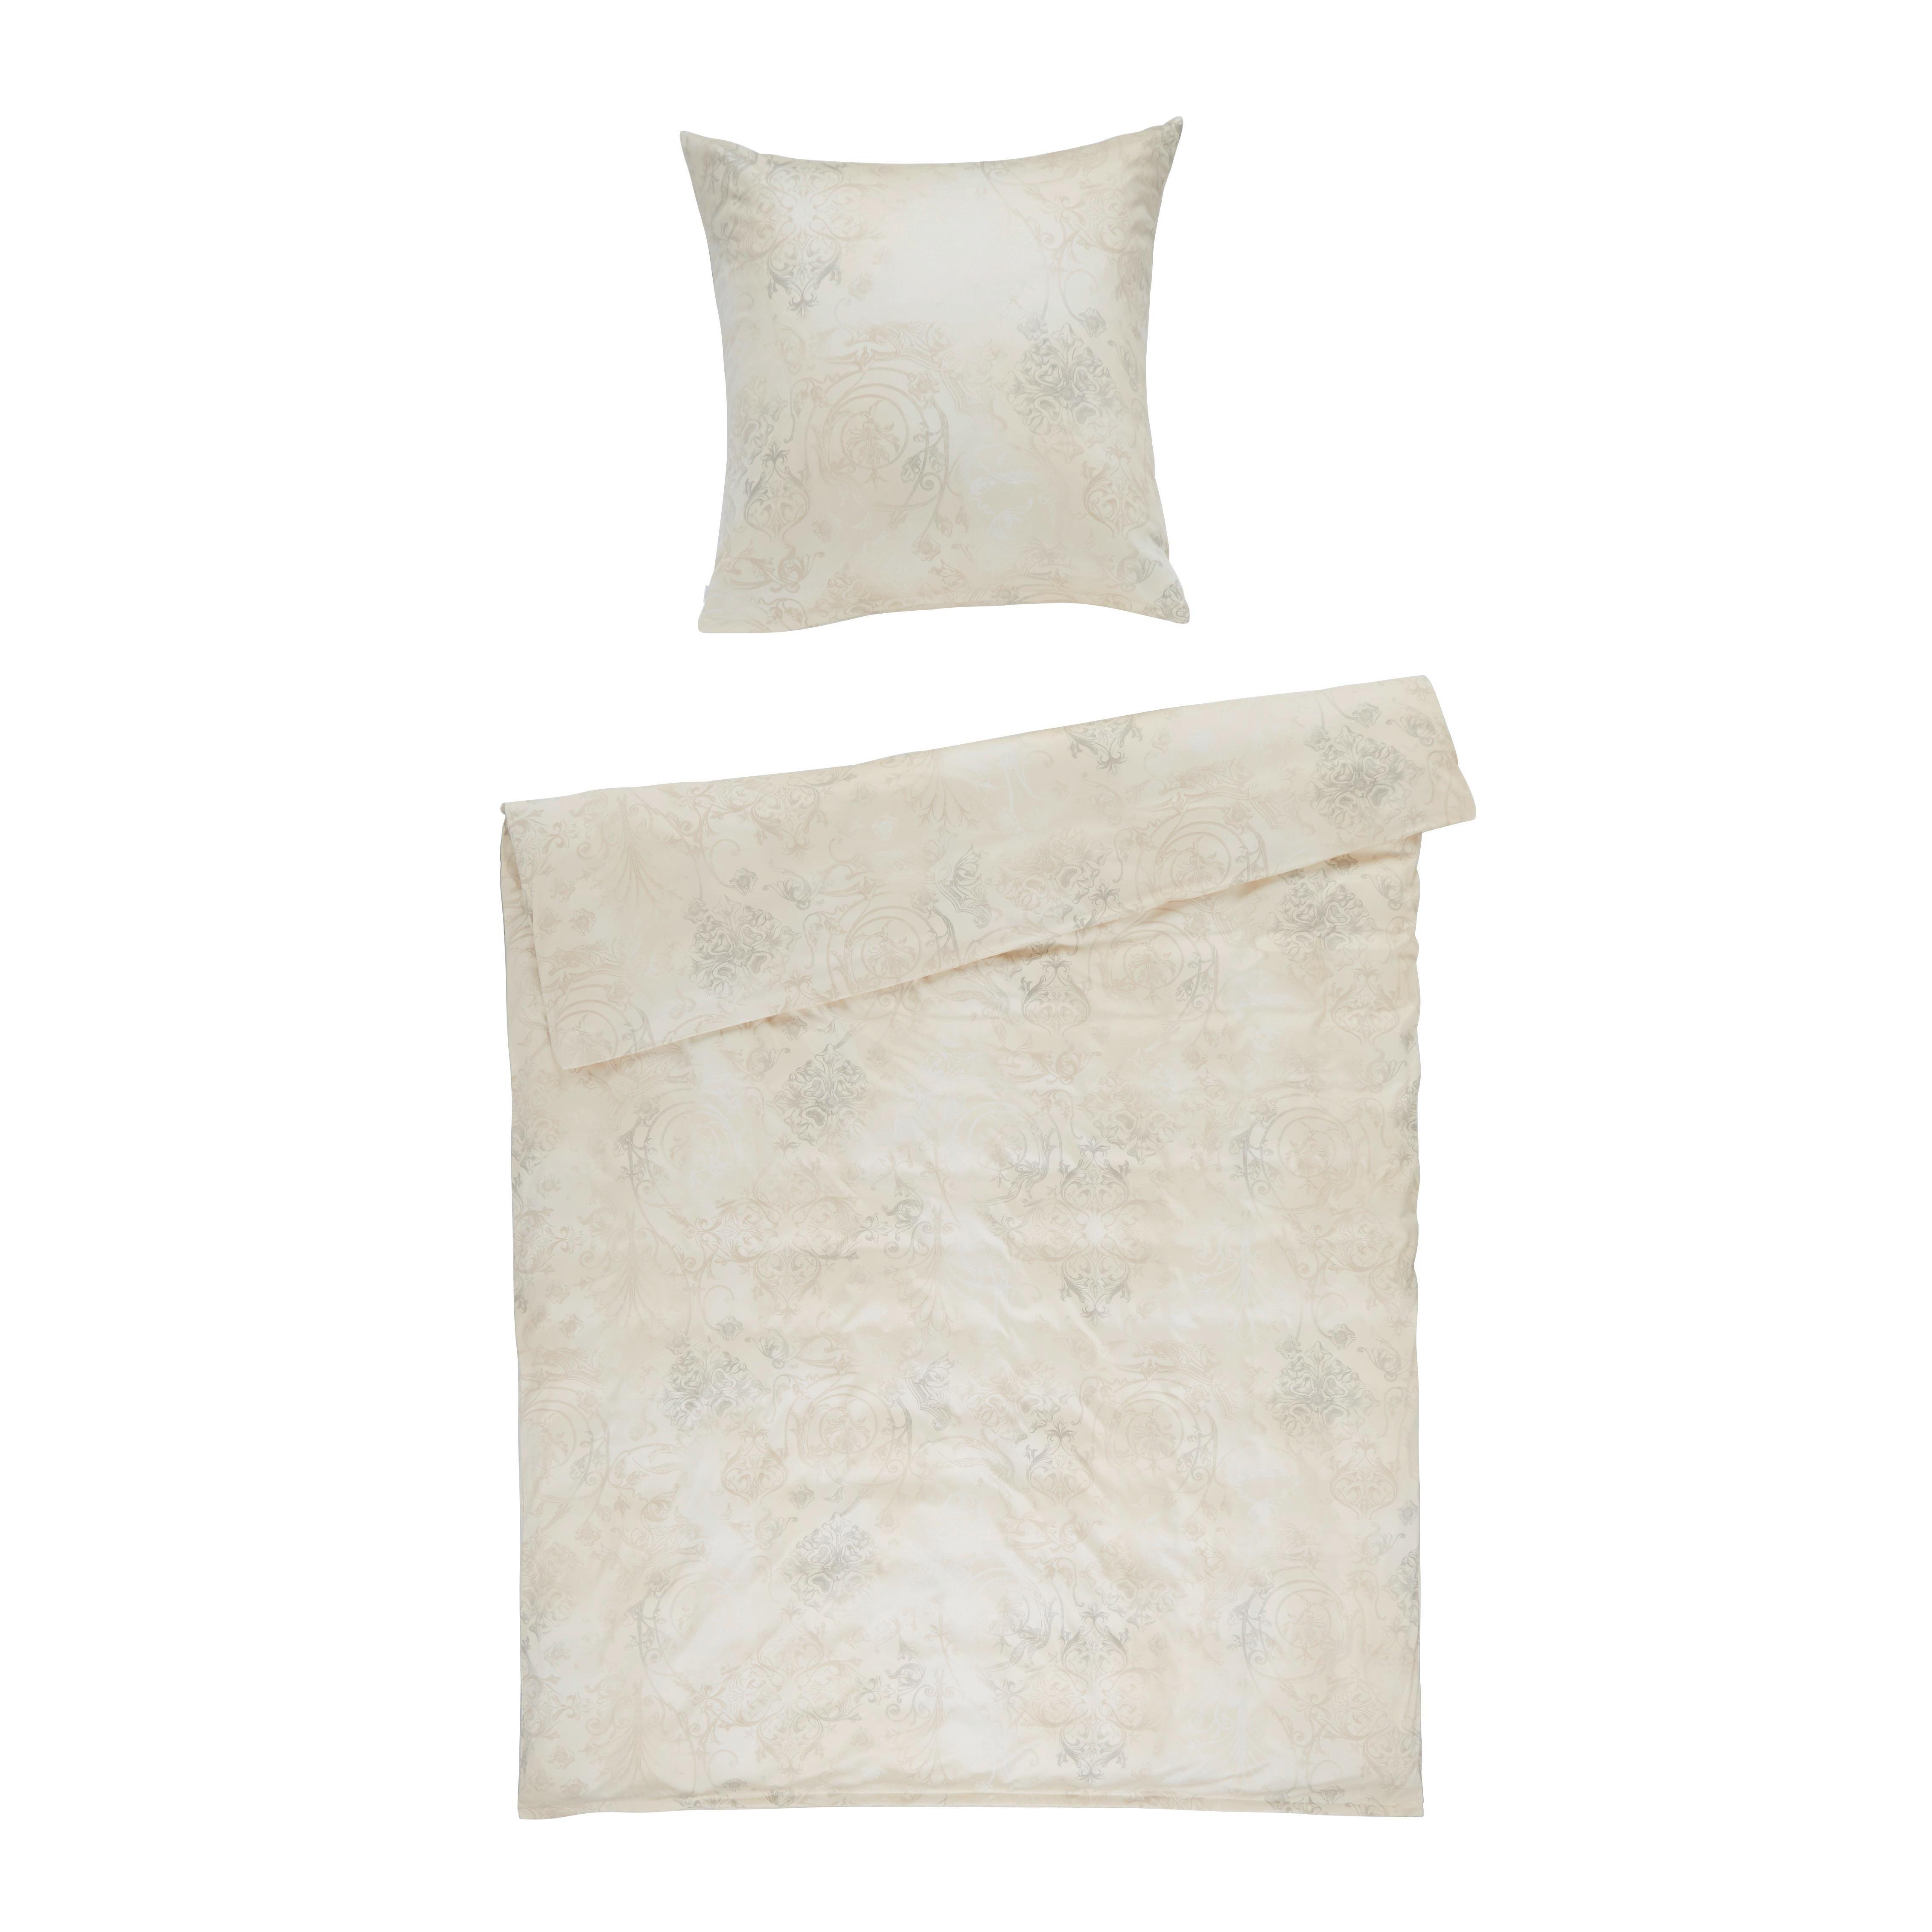 BETTWÄSCHE Jersey Sandfarben 155/220 cm - Sandfarben, Basics, Textil (155/220cm) - ESTELLA